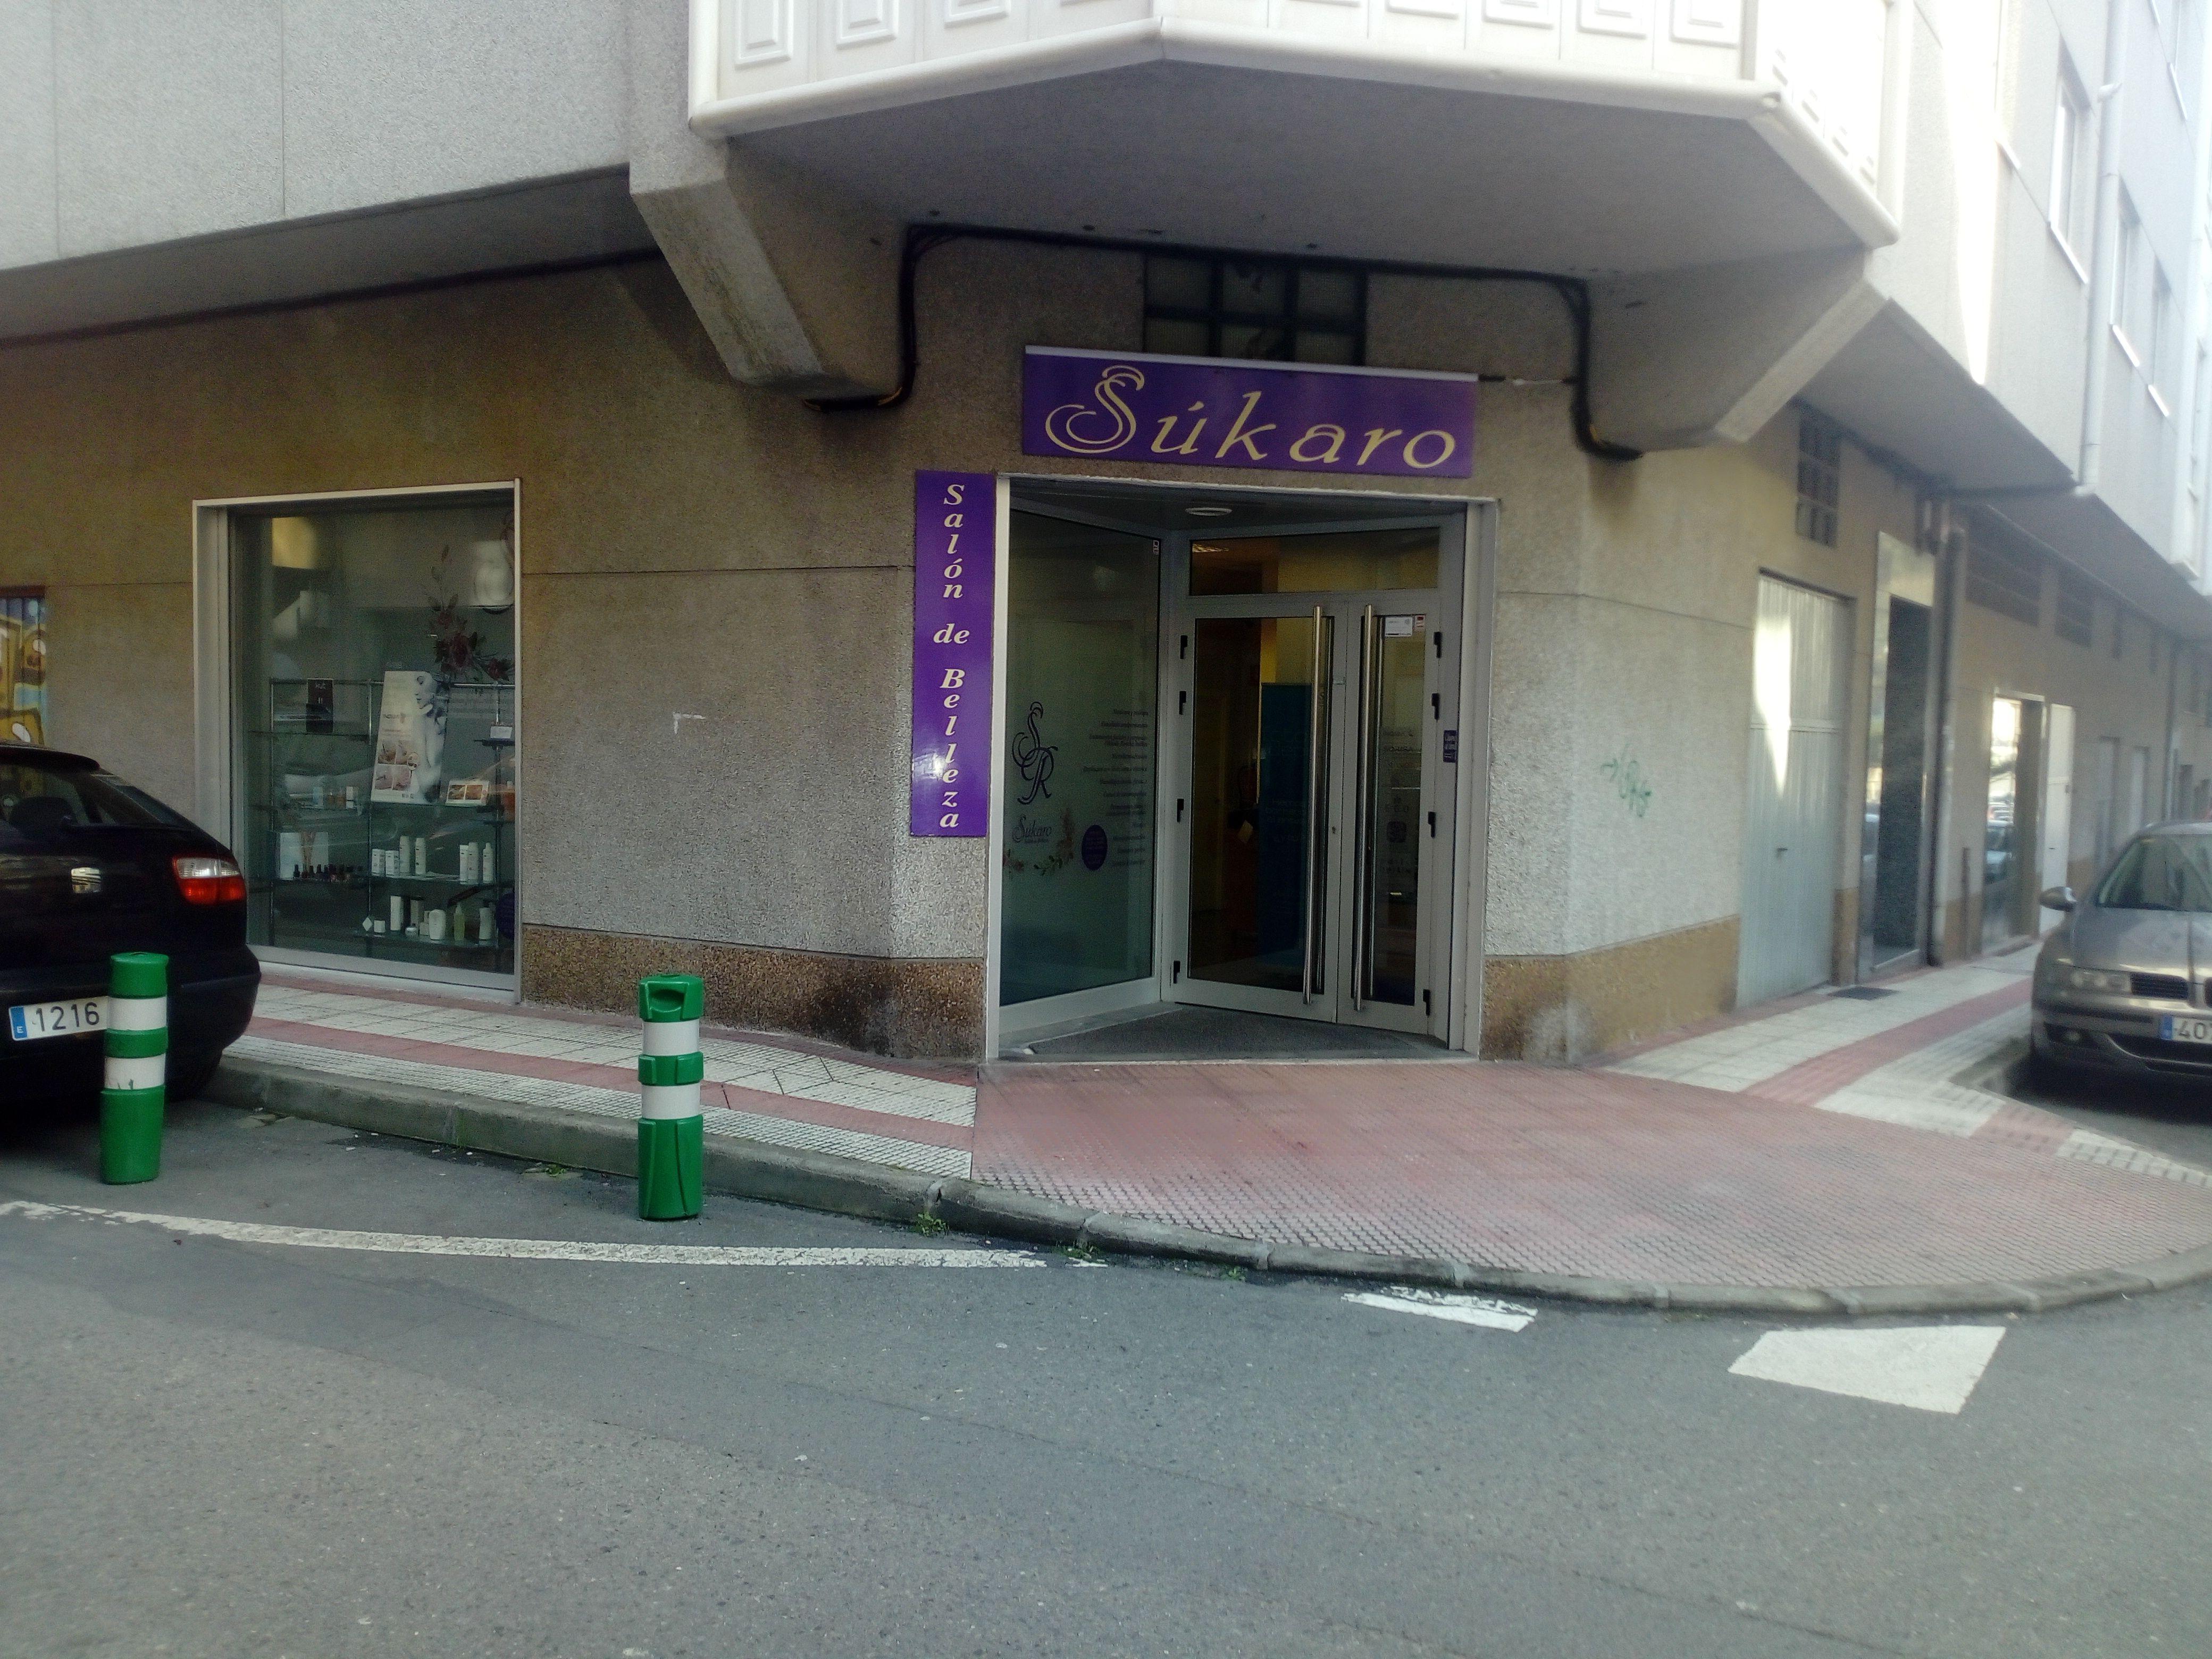 Centro de estética en Arteixo